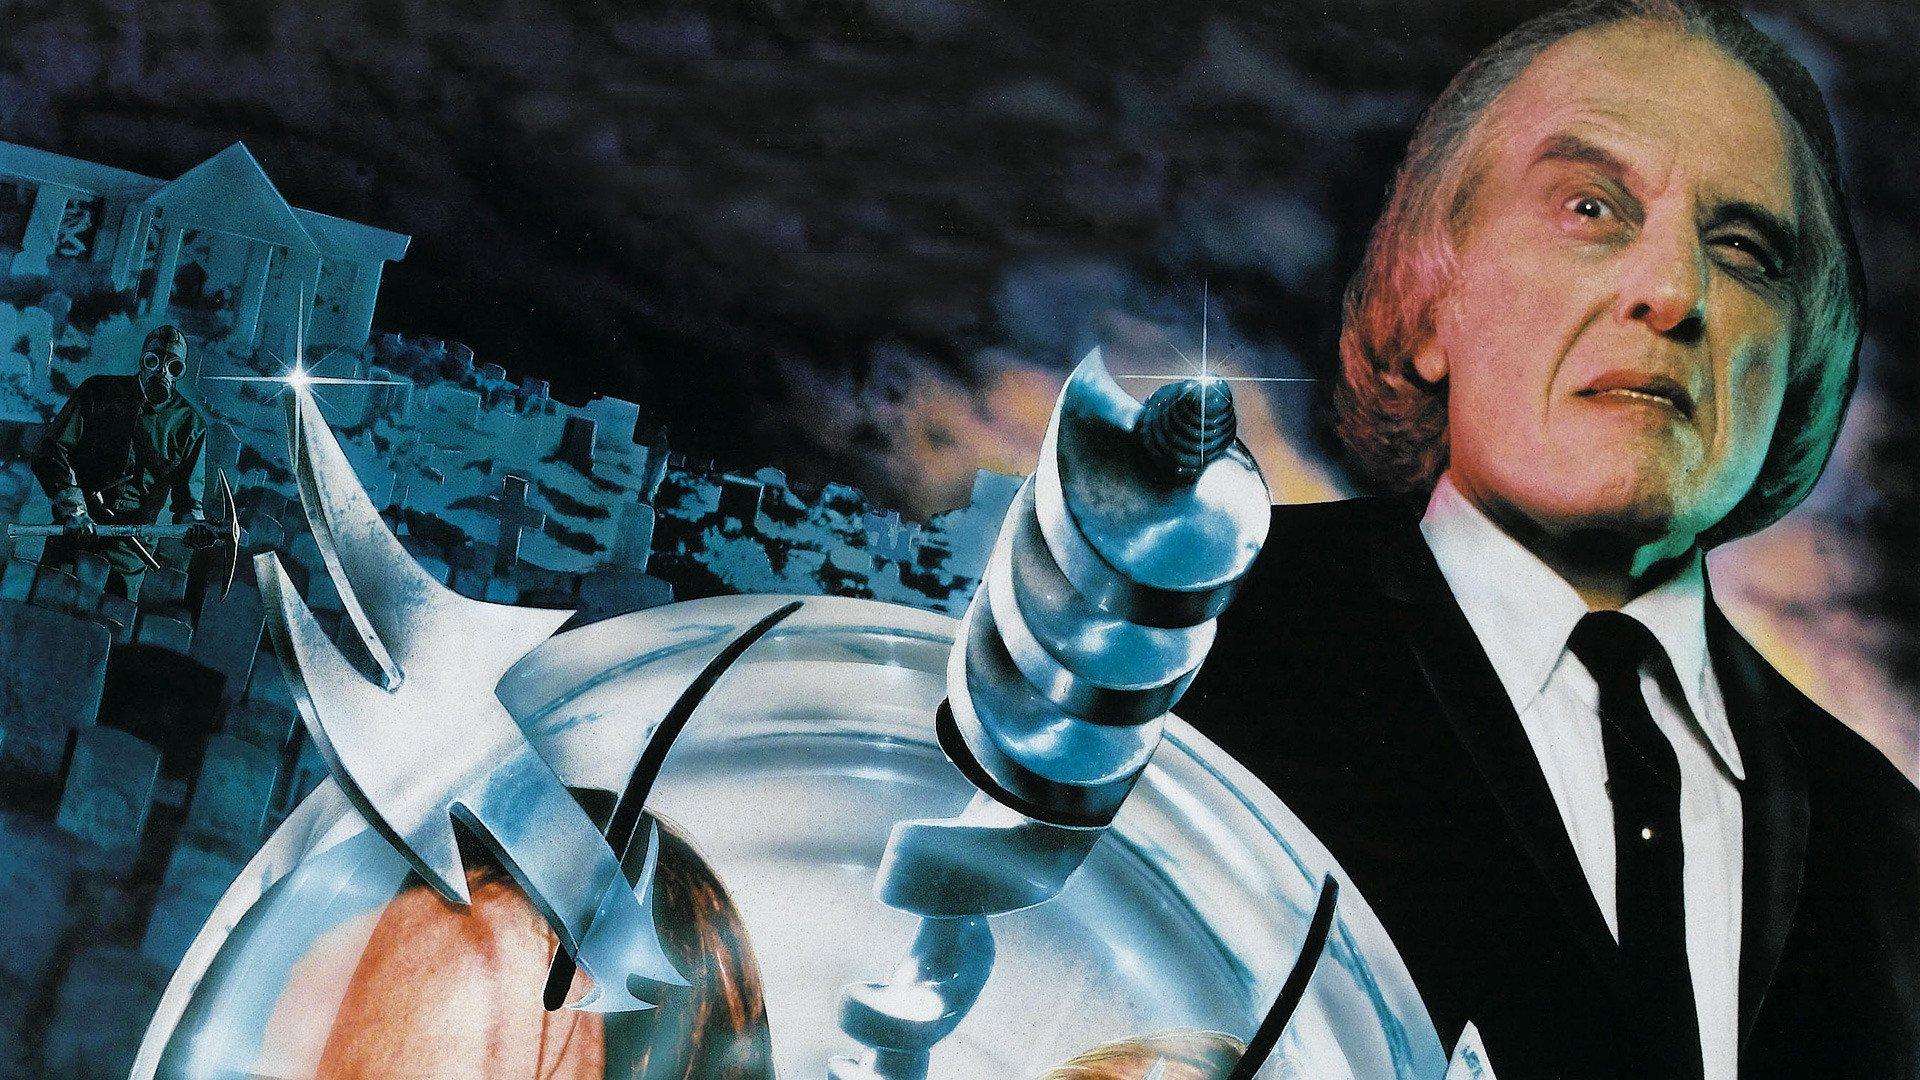 Phantasm: décès de l'acteur Angus Scrimm aka Tall Man